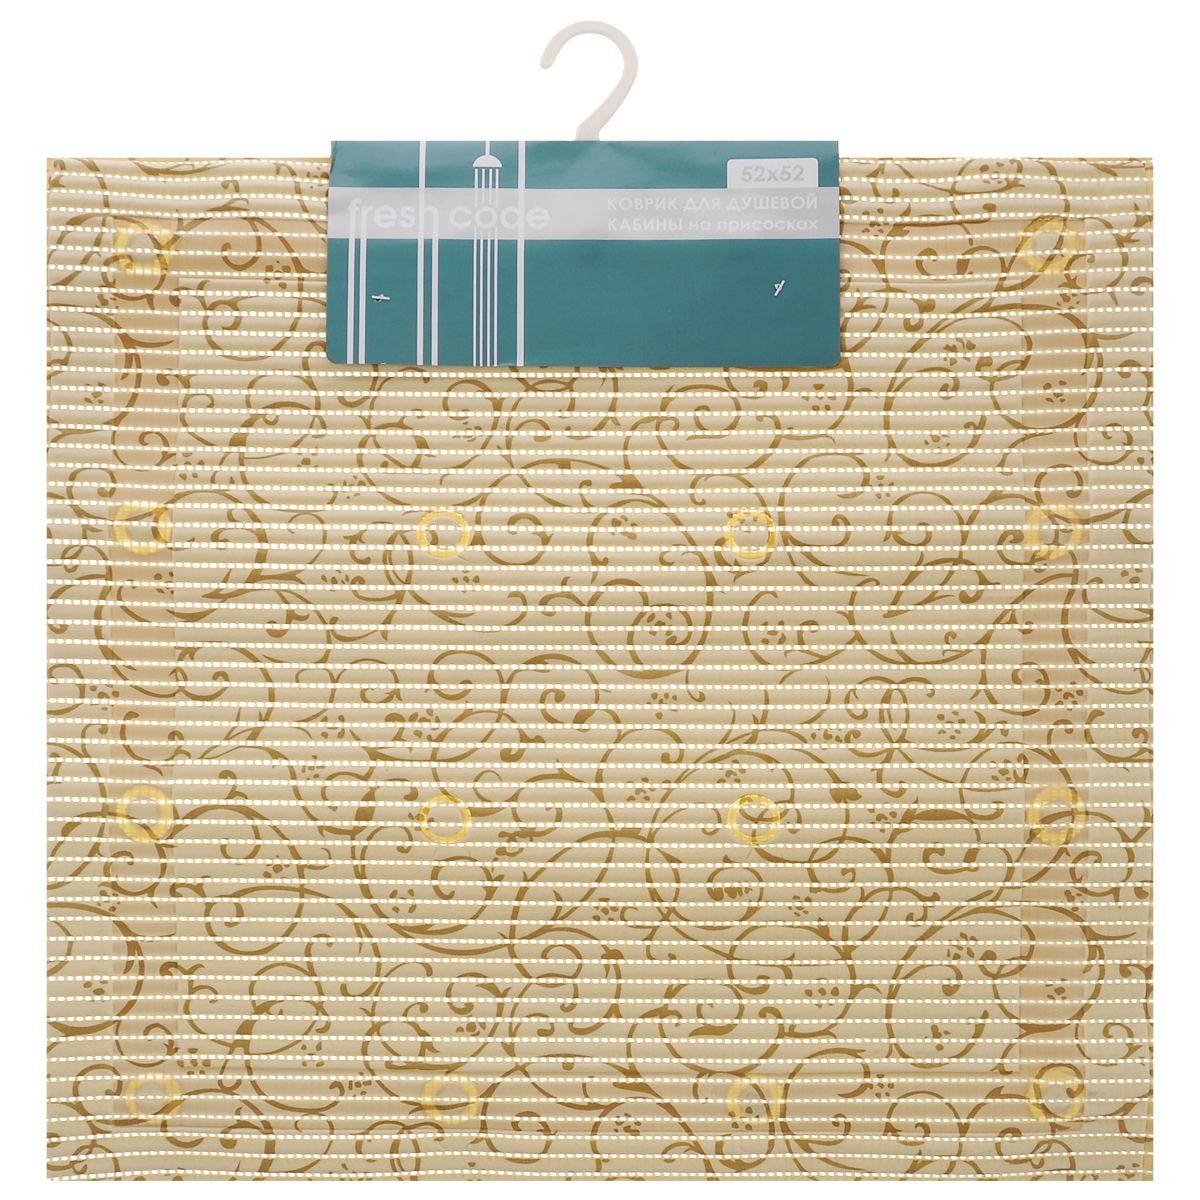 Коврик для душевой кабины Fresh Code Flexy, на присосках, цвет: коричневый, 52 х 52 см55767 коричневыйКвадратный коврик Fresh Code Flexy выполненный из ПВХ, предназначен для душевой кабины.Его также можно использовать как напольный коврик для ванной комнаты. Крепиться к полу припомощи присосок, которые обеспечивают антискользящий эффект, а мягкая поверхность коврикасоздает комфортное покрытие. Красивый дизайн коврика украсит ванную комнату. Рекомендации по уходу: протрите коврик влажной губкой с мягким моющим средством, тщательноополосните чистой водой и просушите.